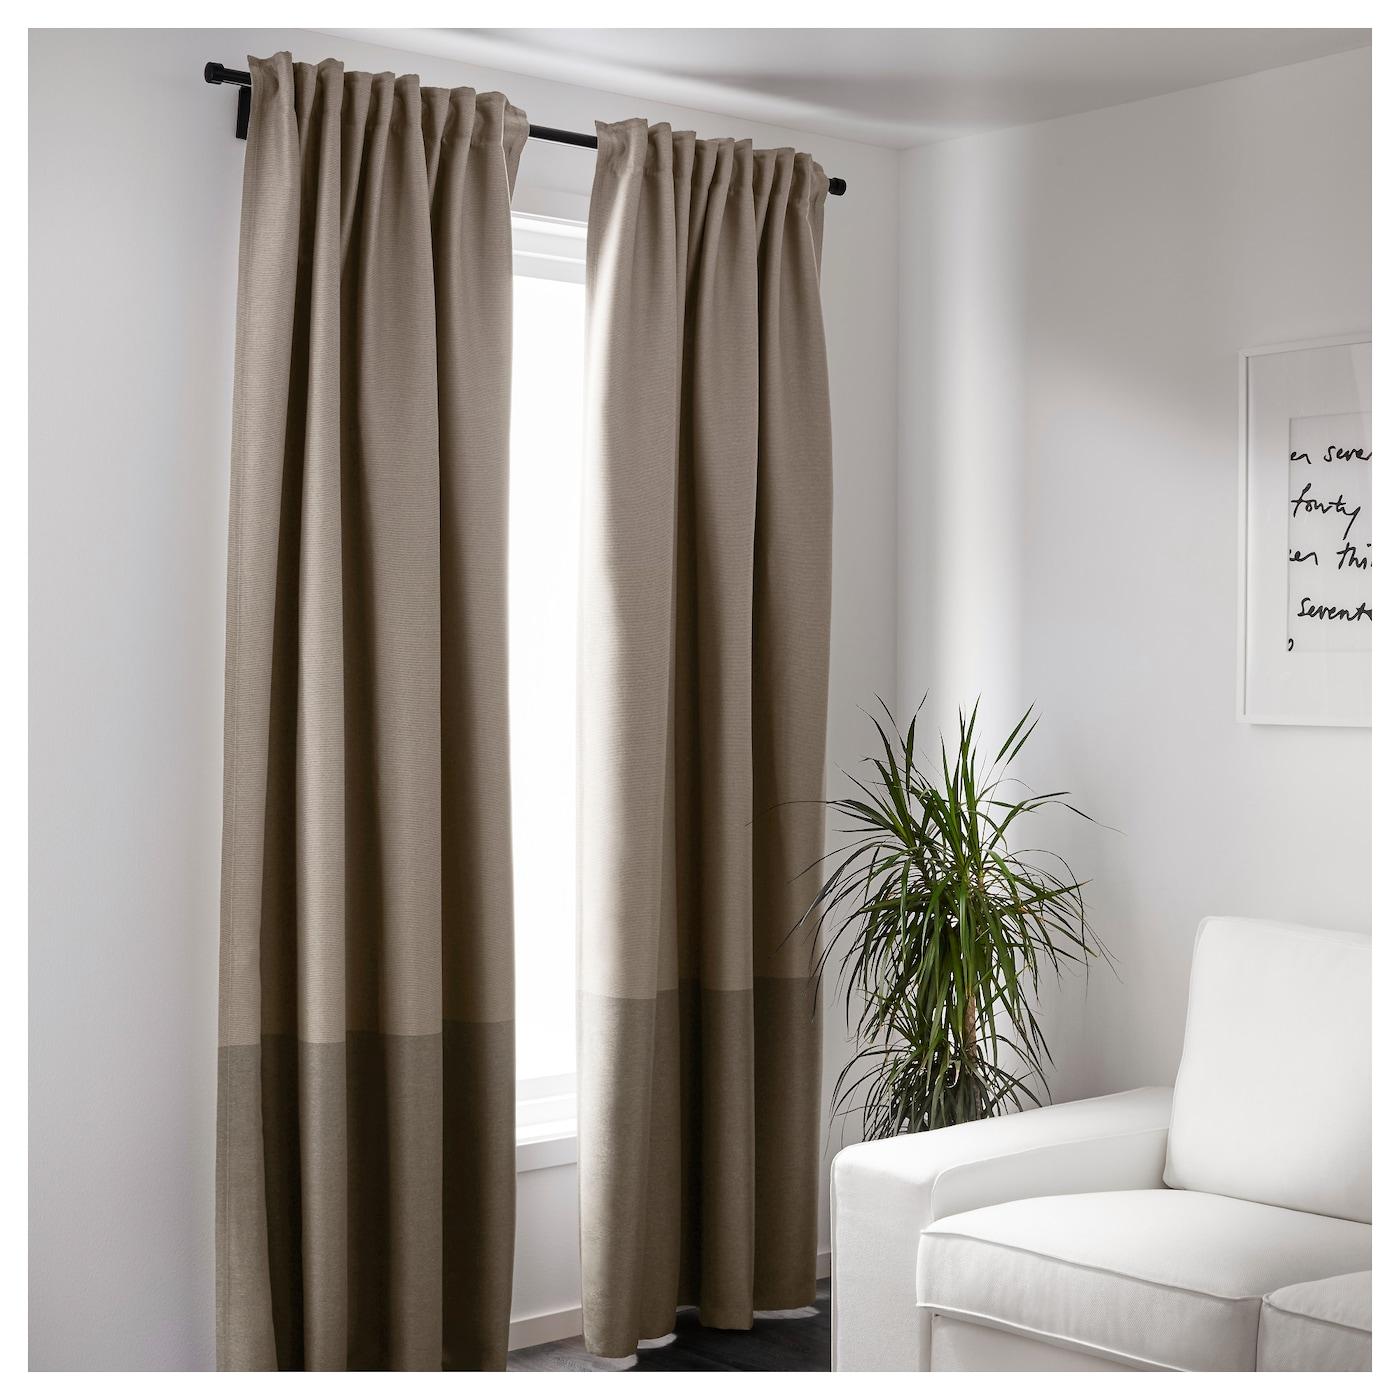 Marjun rideaux occultant 1 paire brun 145 x 300 cm ikea - Rideaux 300 cm ...